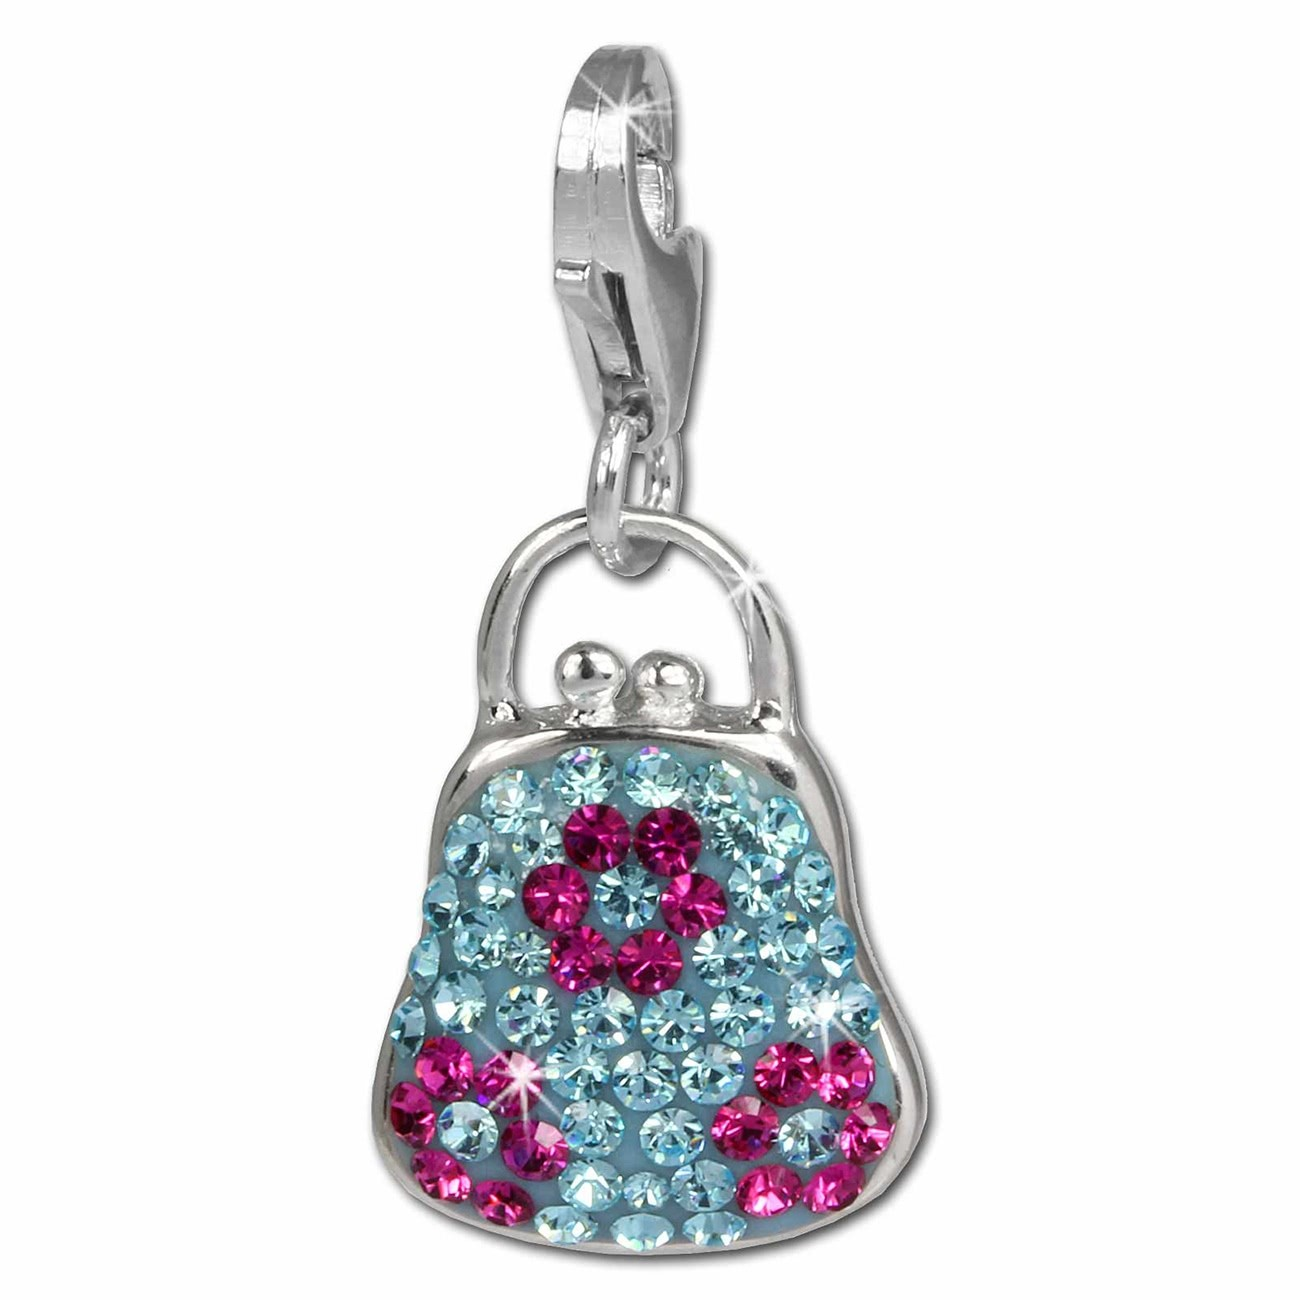 SilberDream Glitzer Charm Tasche blau Zirkonia Kristalle 925 GSC532H